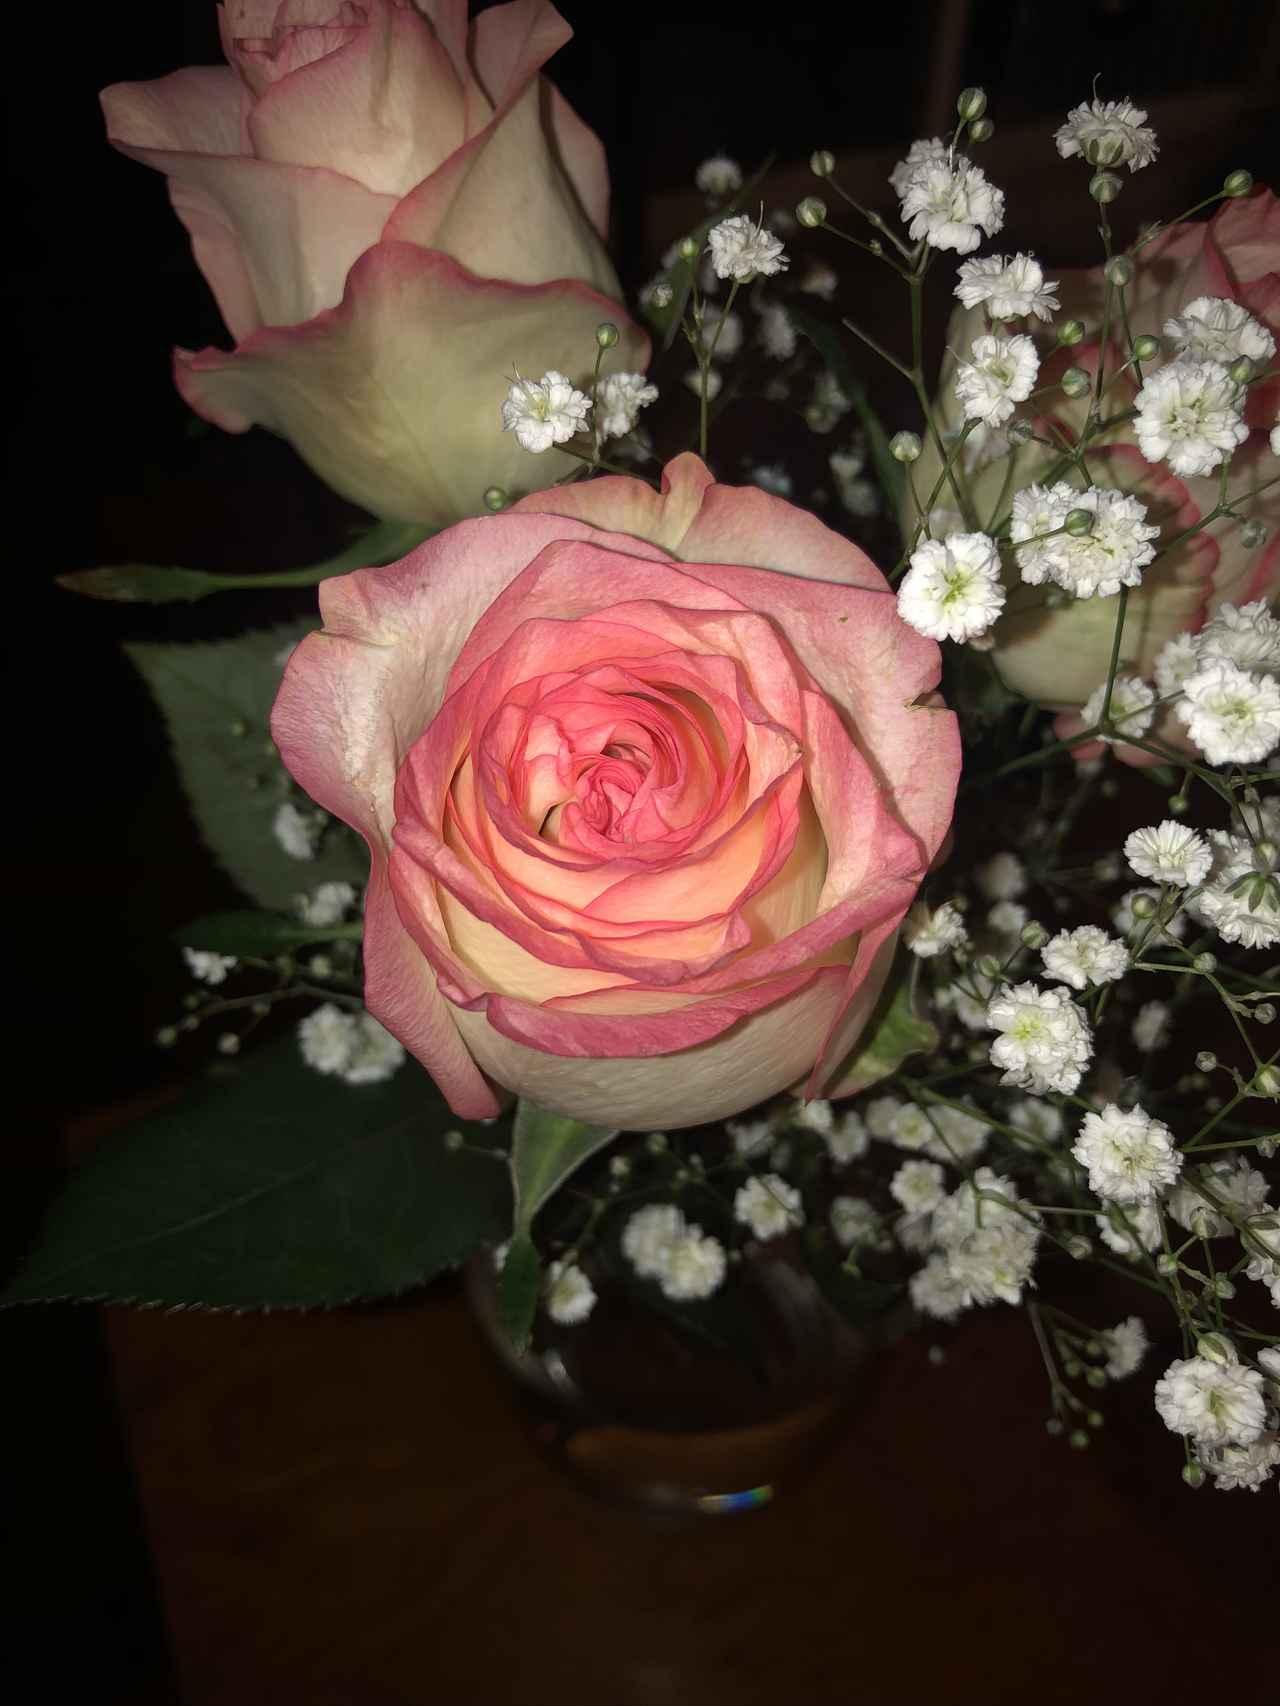 画像: お花にフラッシュが当たって、花が浮き上がって見えます。